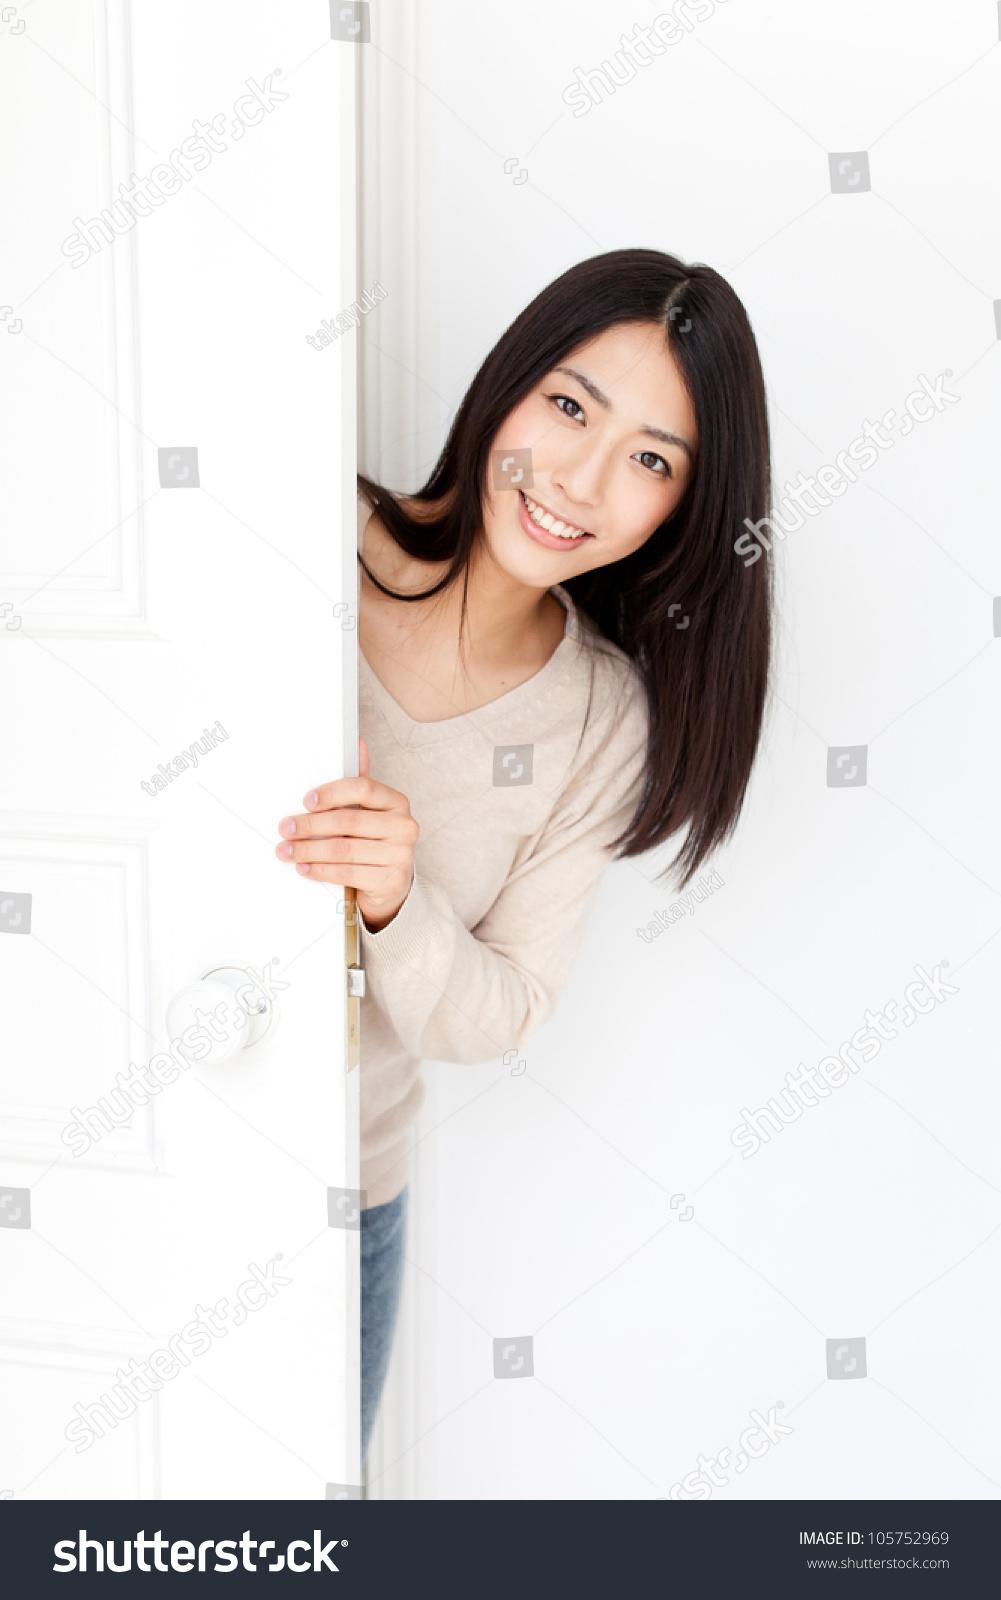 attractive asian woman opening door